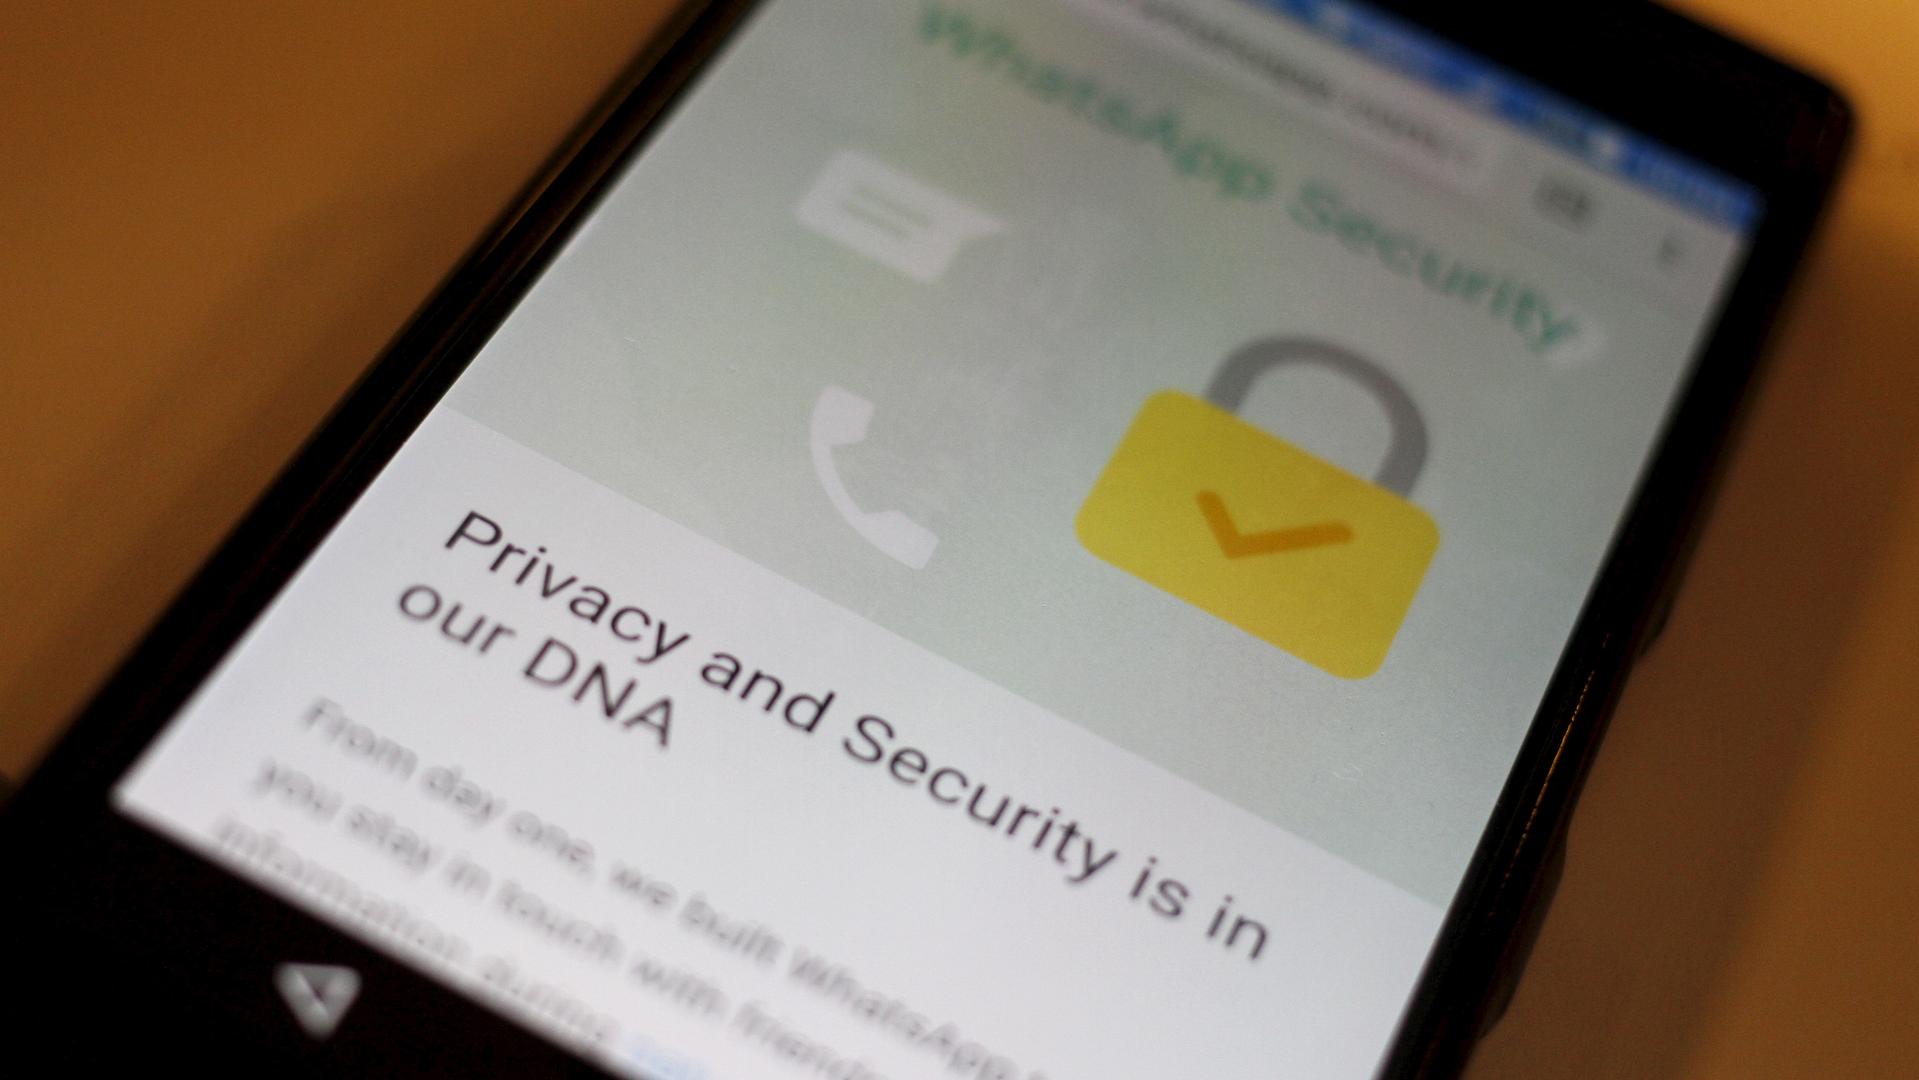 В Минкомсвязи опровергли необходимость дешифровки WhatsApp для исполнения «закона Яровой»